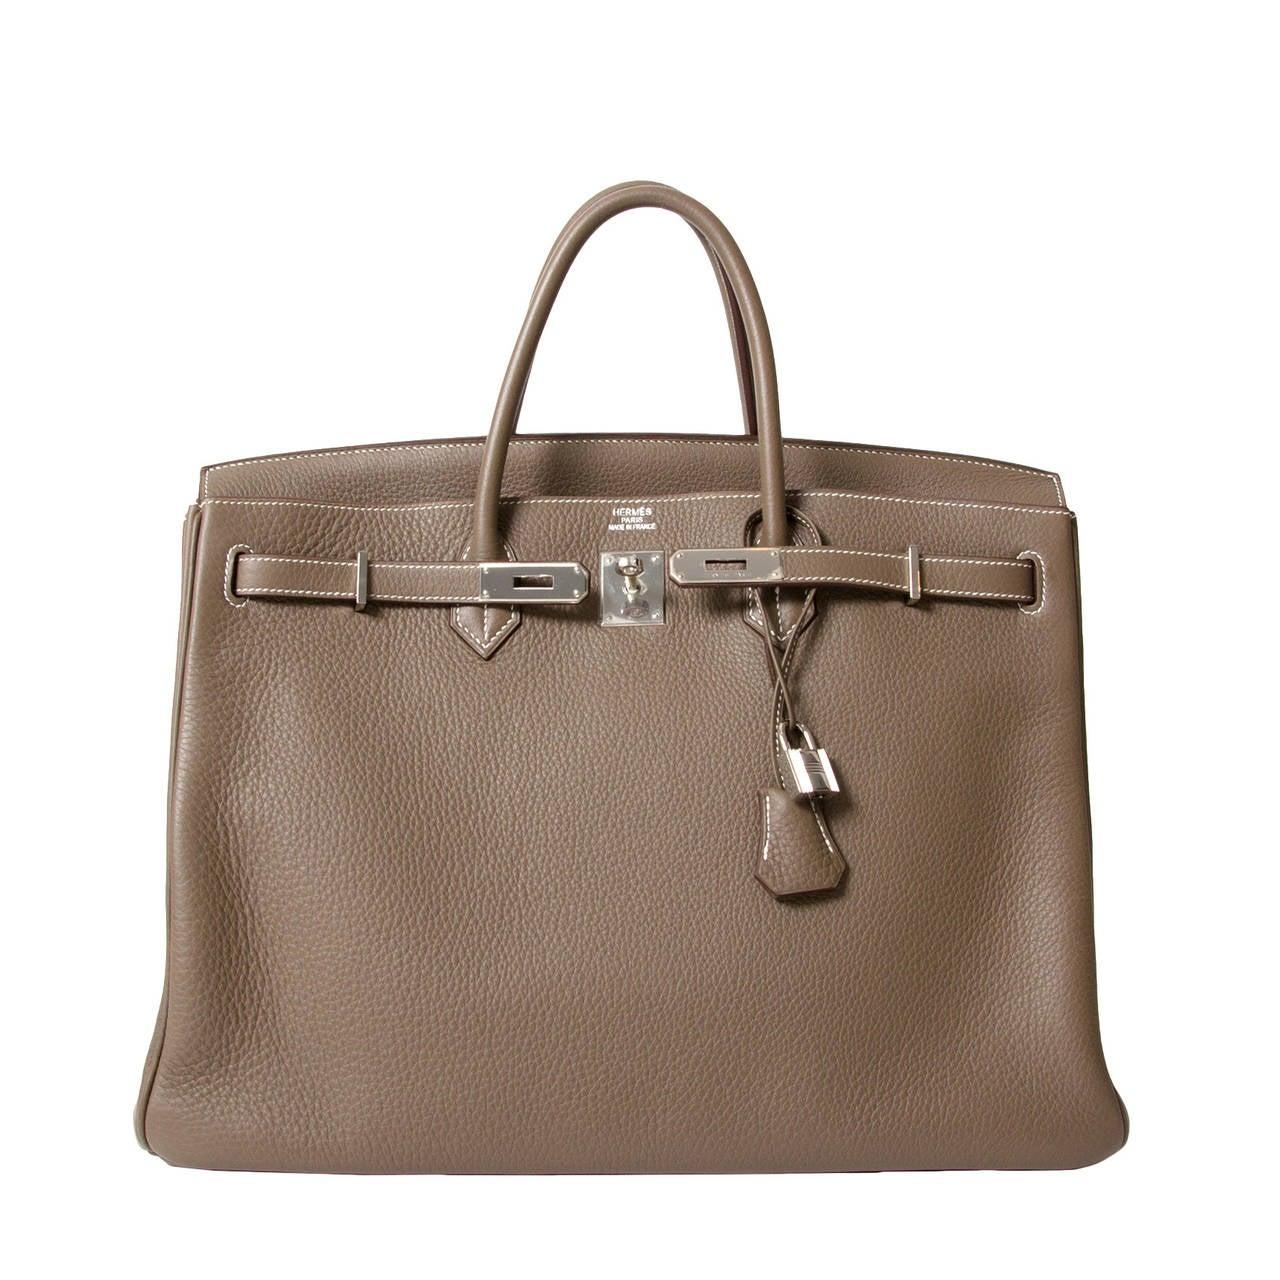 Hermès Birkin Bag 40cm Togo Etoupe Grey PHW 1